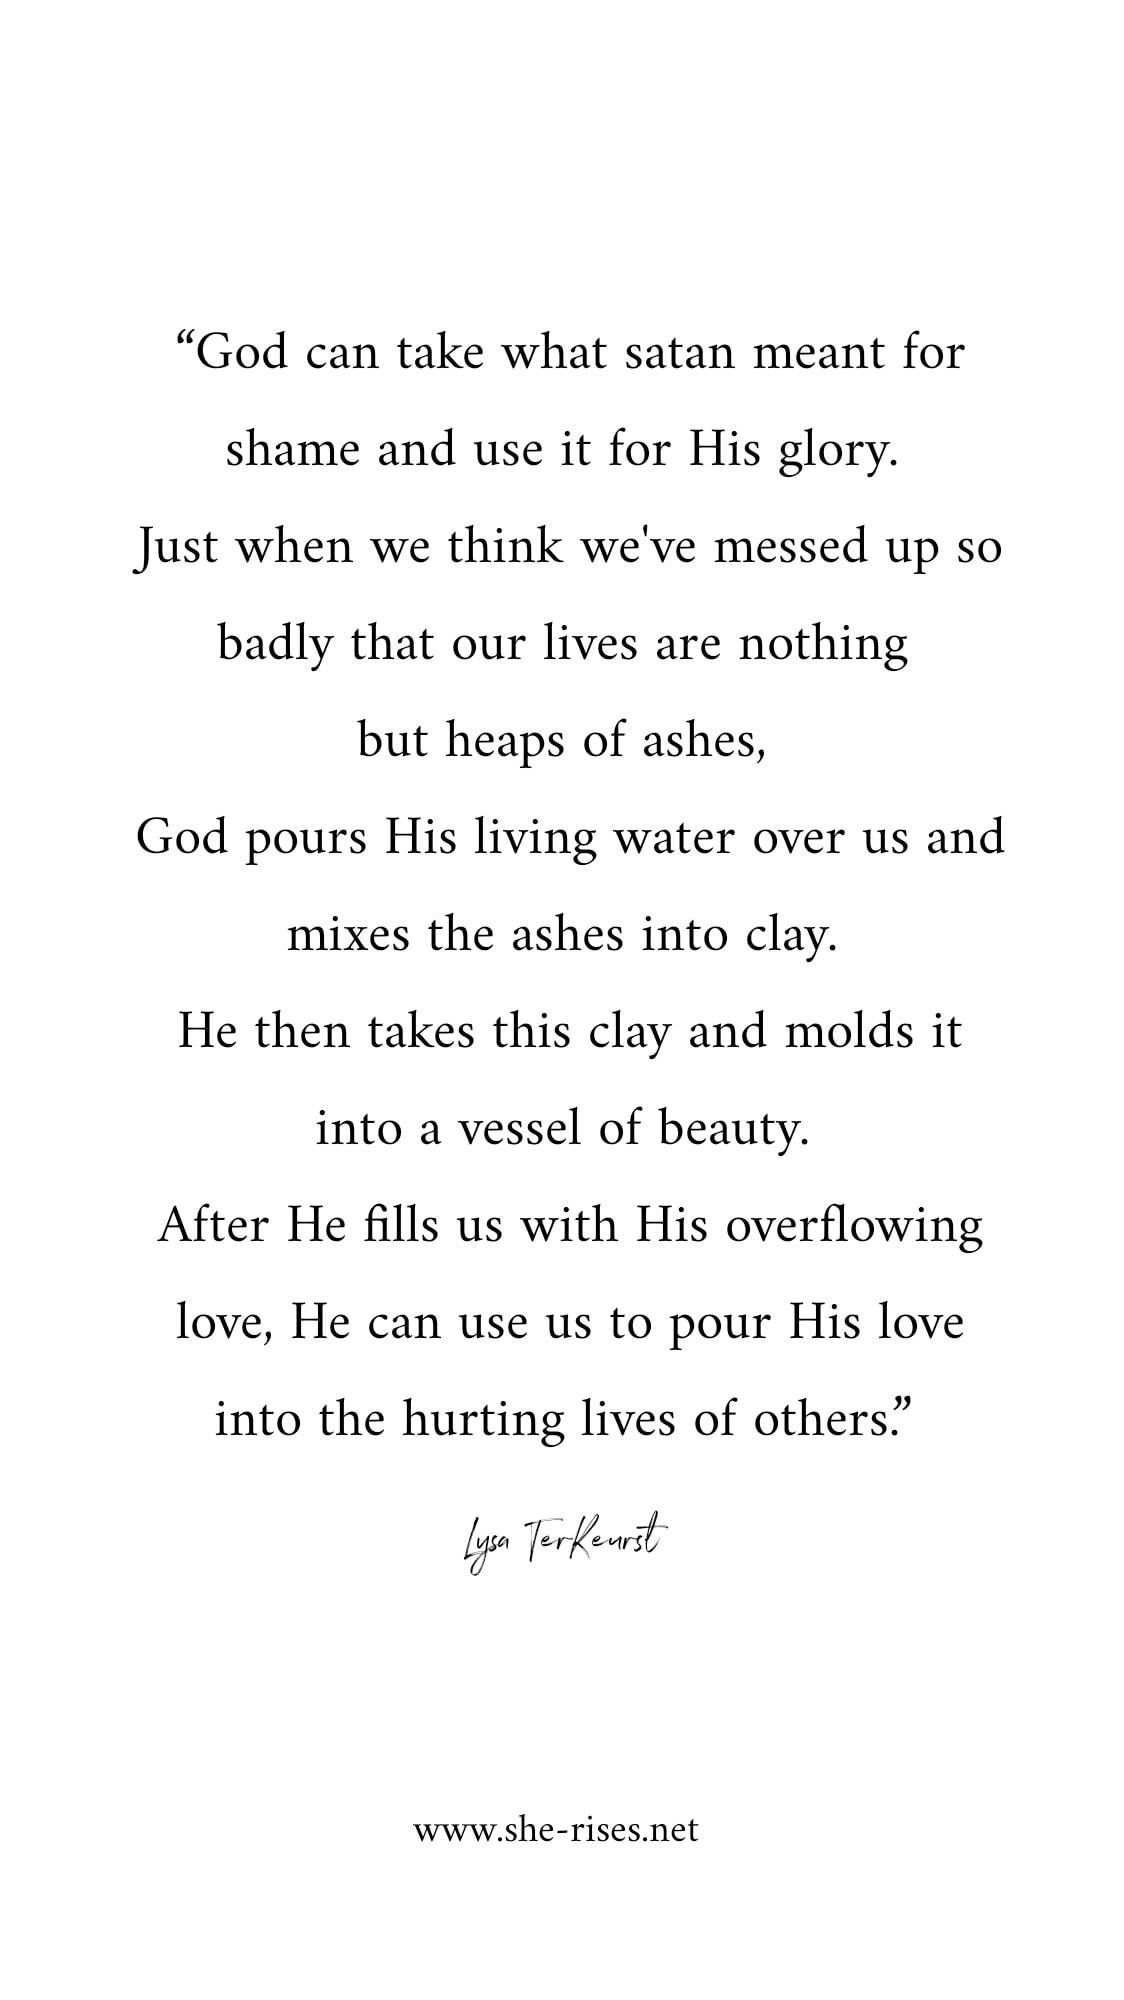 Vessel of Beauty